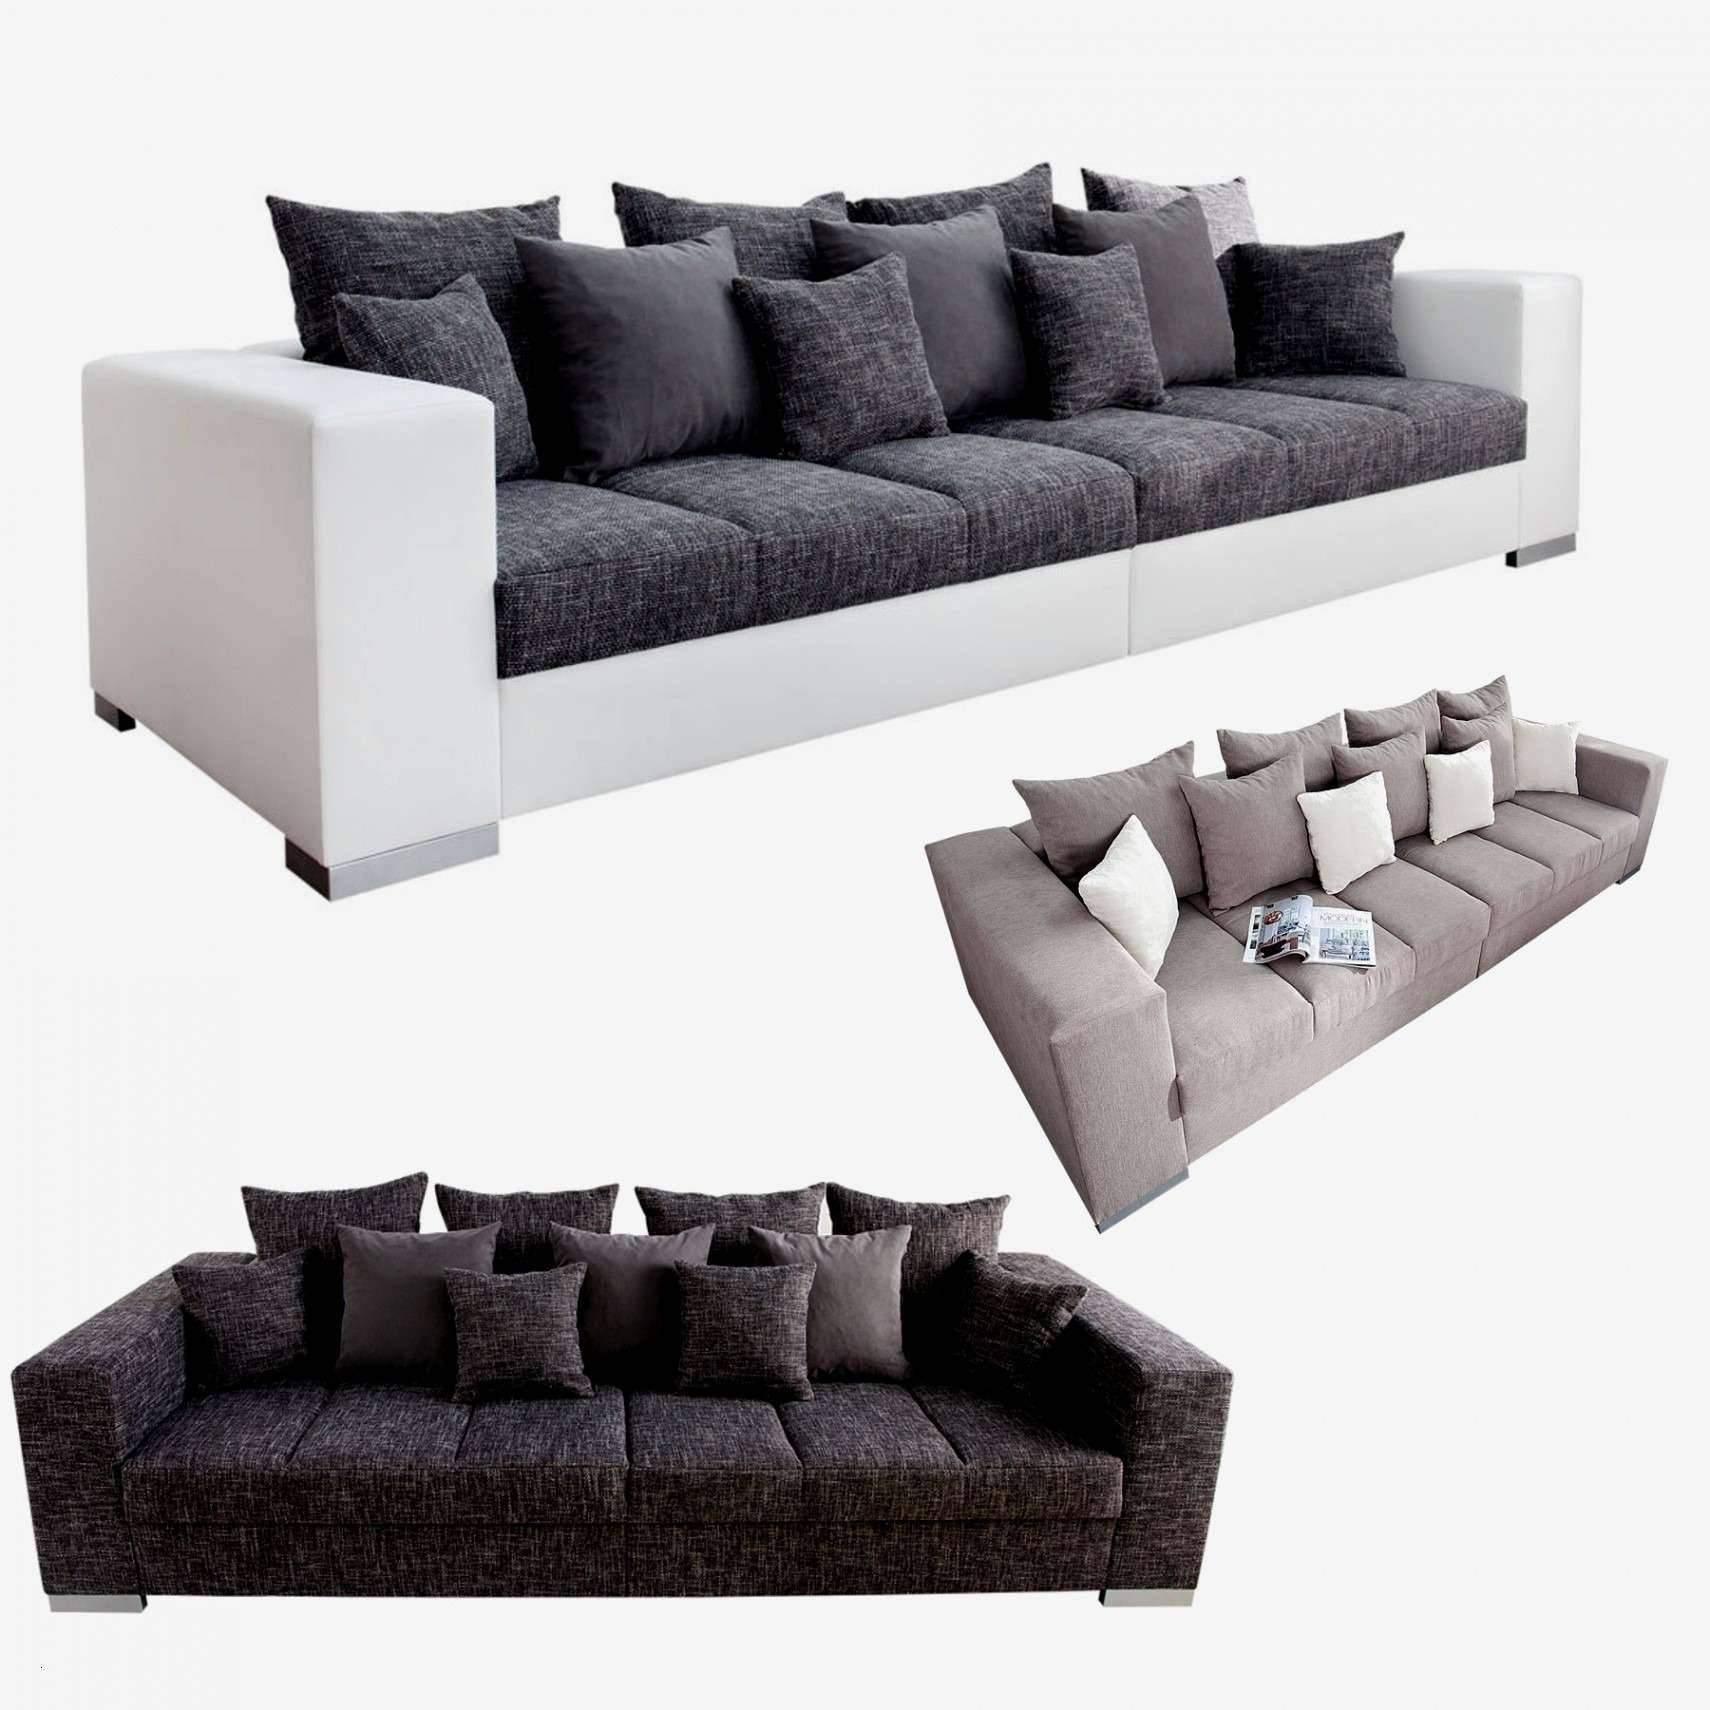 Full Size of Wohnzimmer Relaxliege Verstellbar Luxus Schn Design Relaxliegen Vitrine Weiß Teppiche Vorhang Teppich Bilder Fürs Deckenlampen Vorhänge Board Xxl Led Wohnzimmer Wohnzimmer Relaxliege